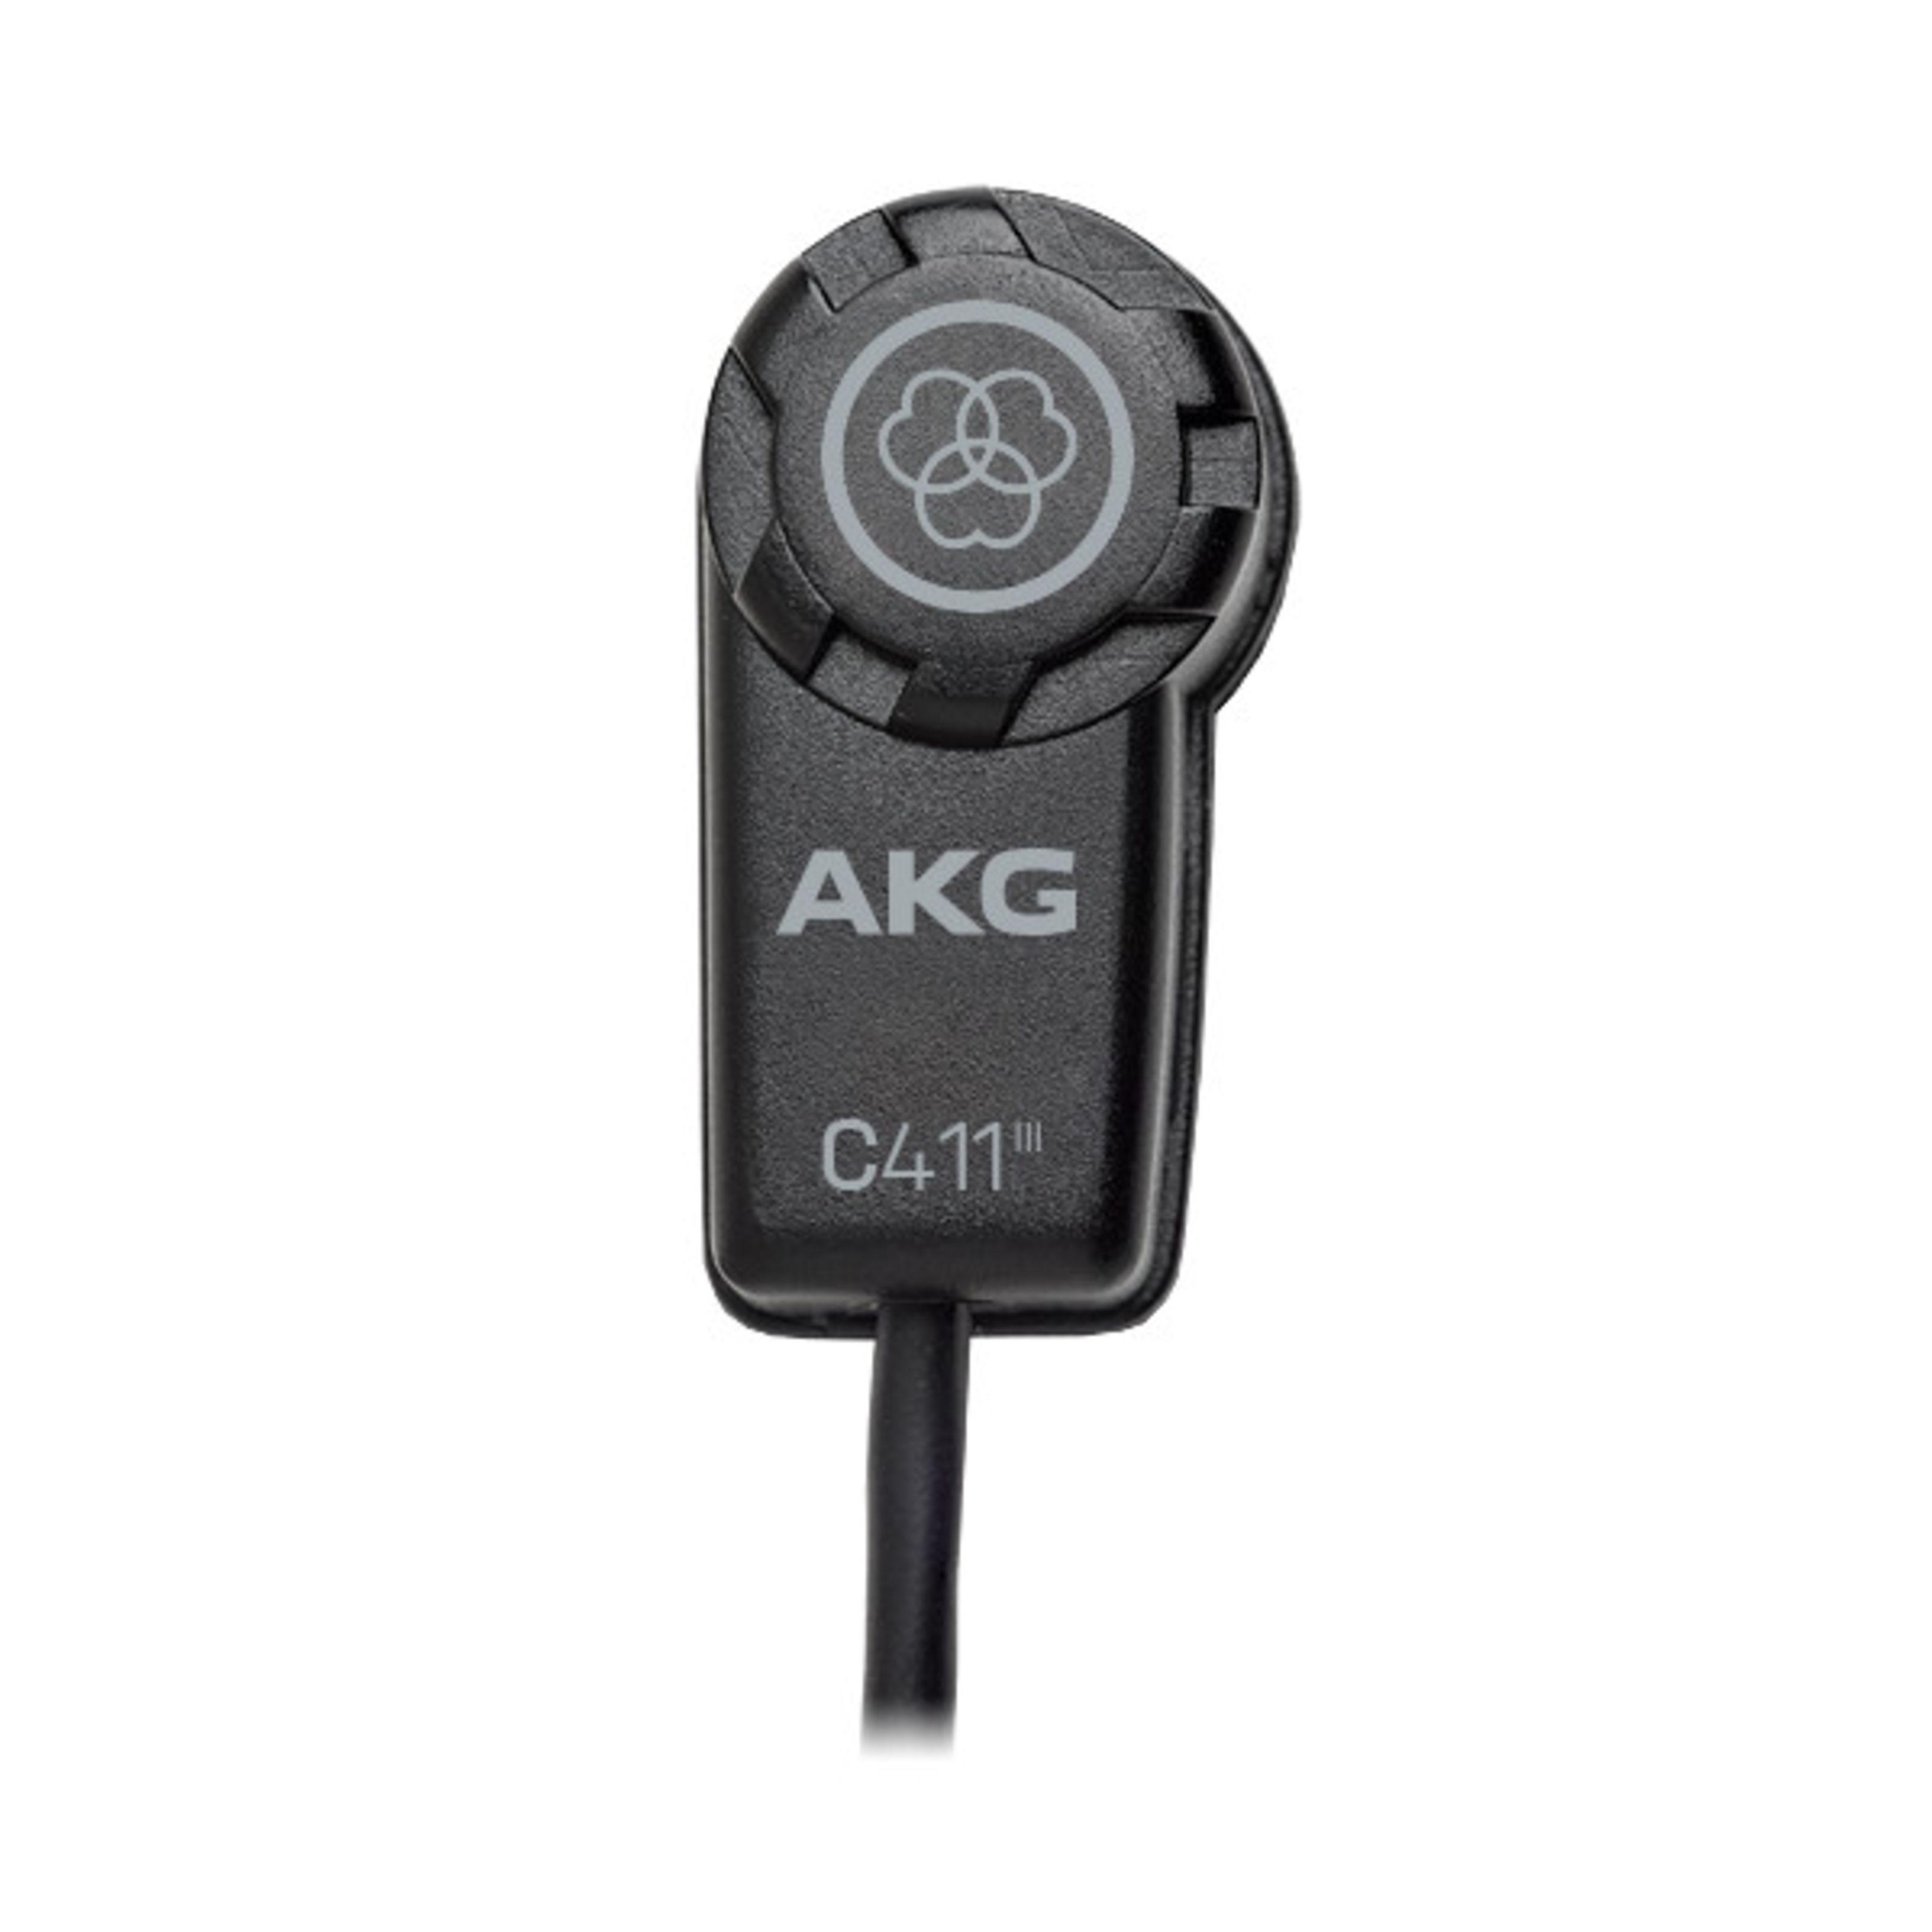 AKG - C 411 L Mikrofon Kondensator AKGC411L